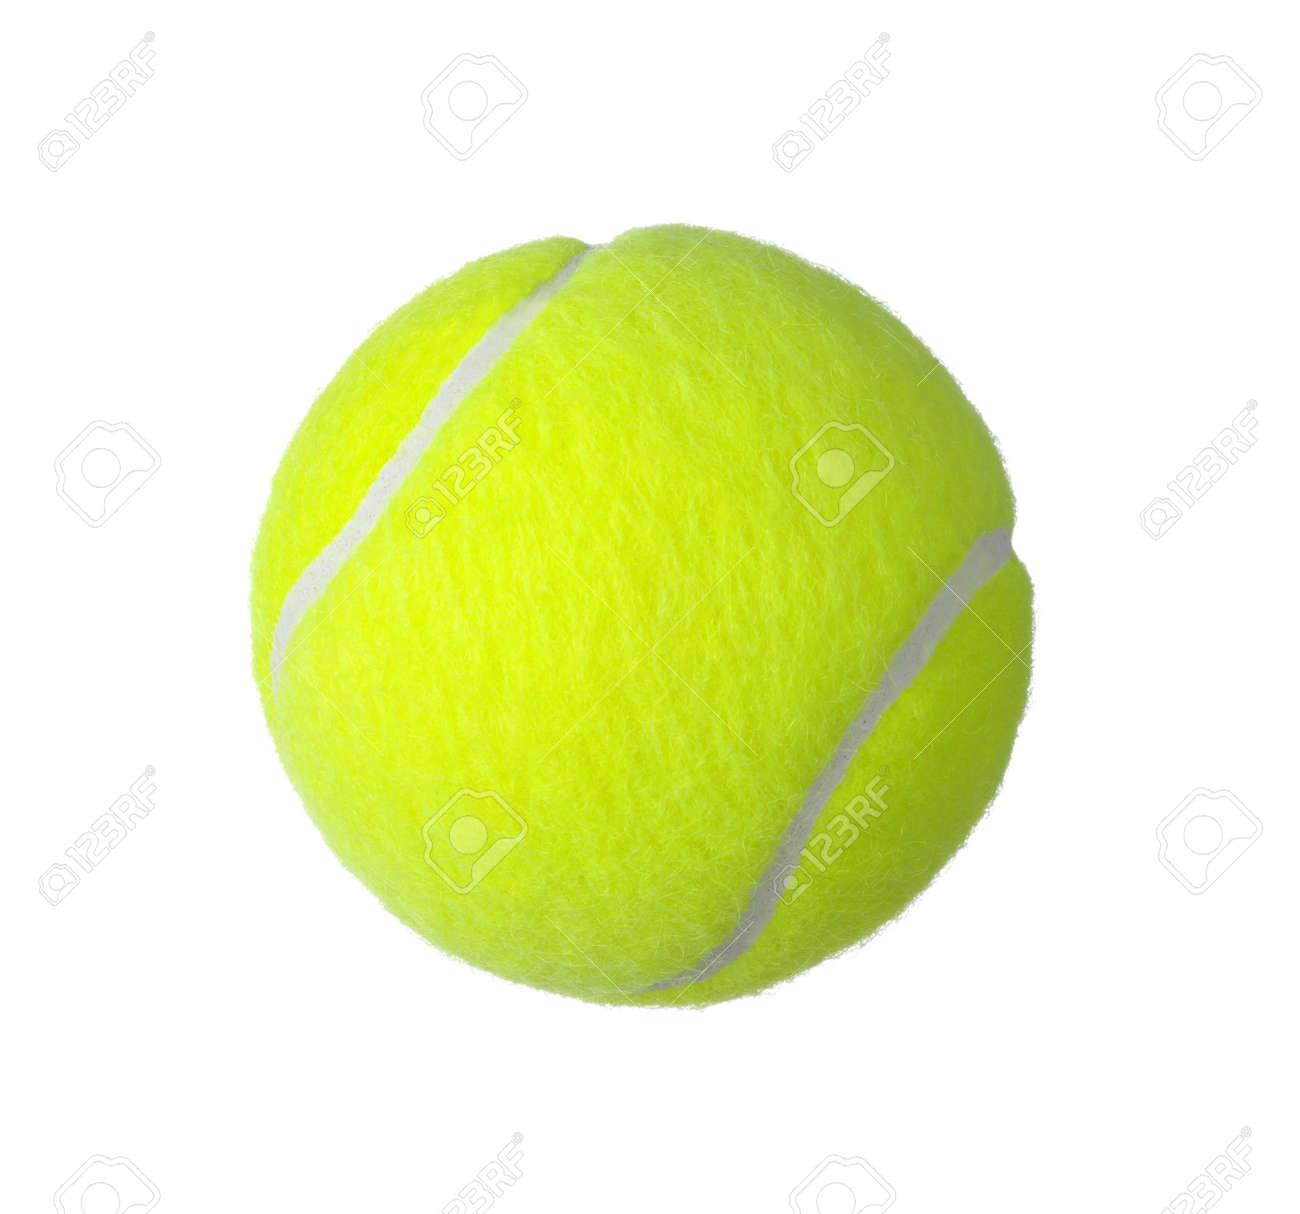 balle de tennis isolée sur fond blanc  Banque d'images - 37718530